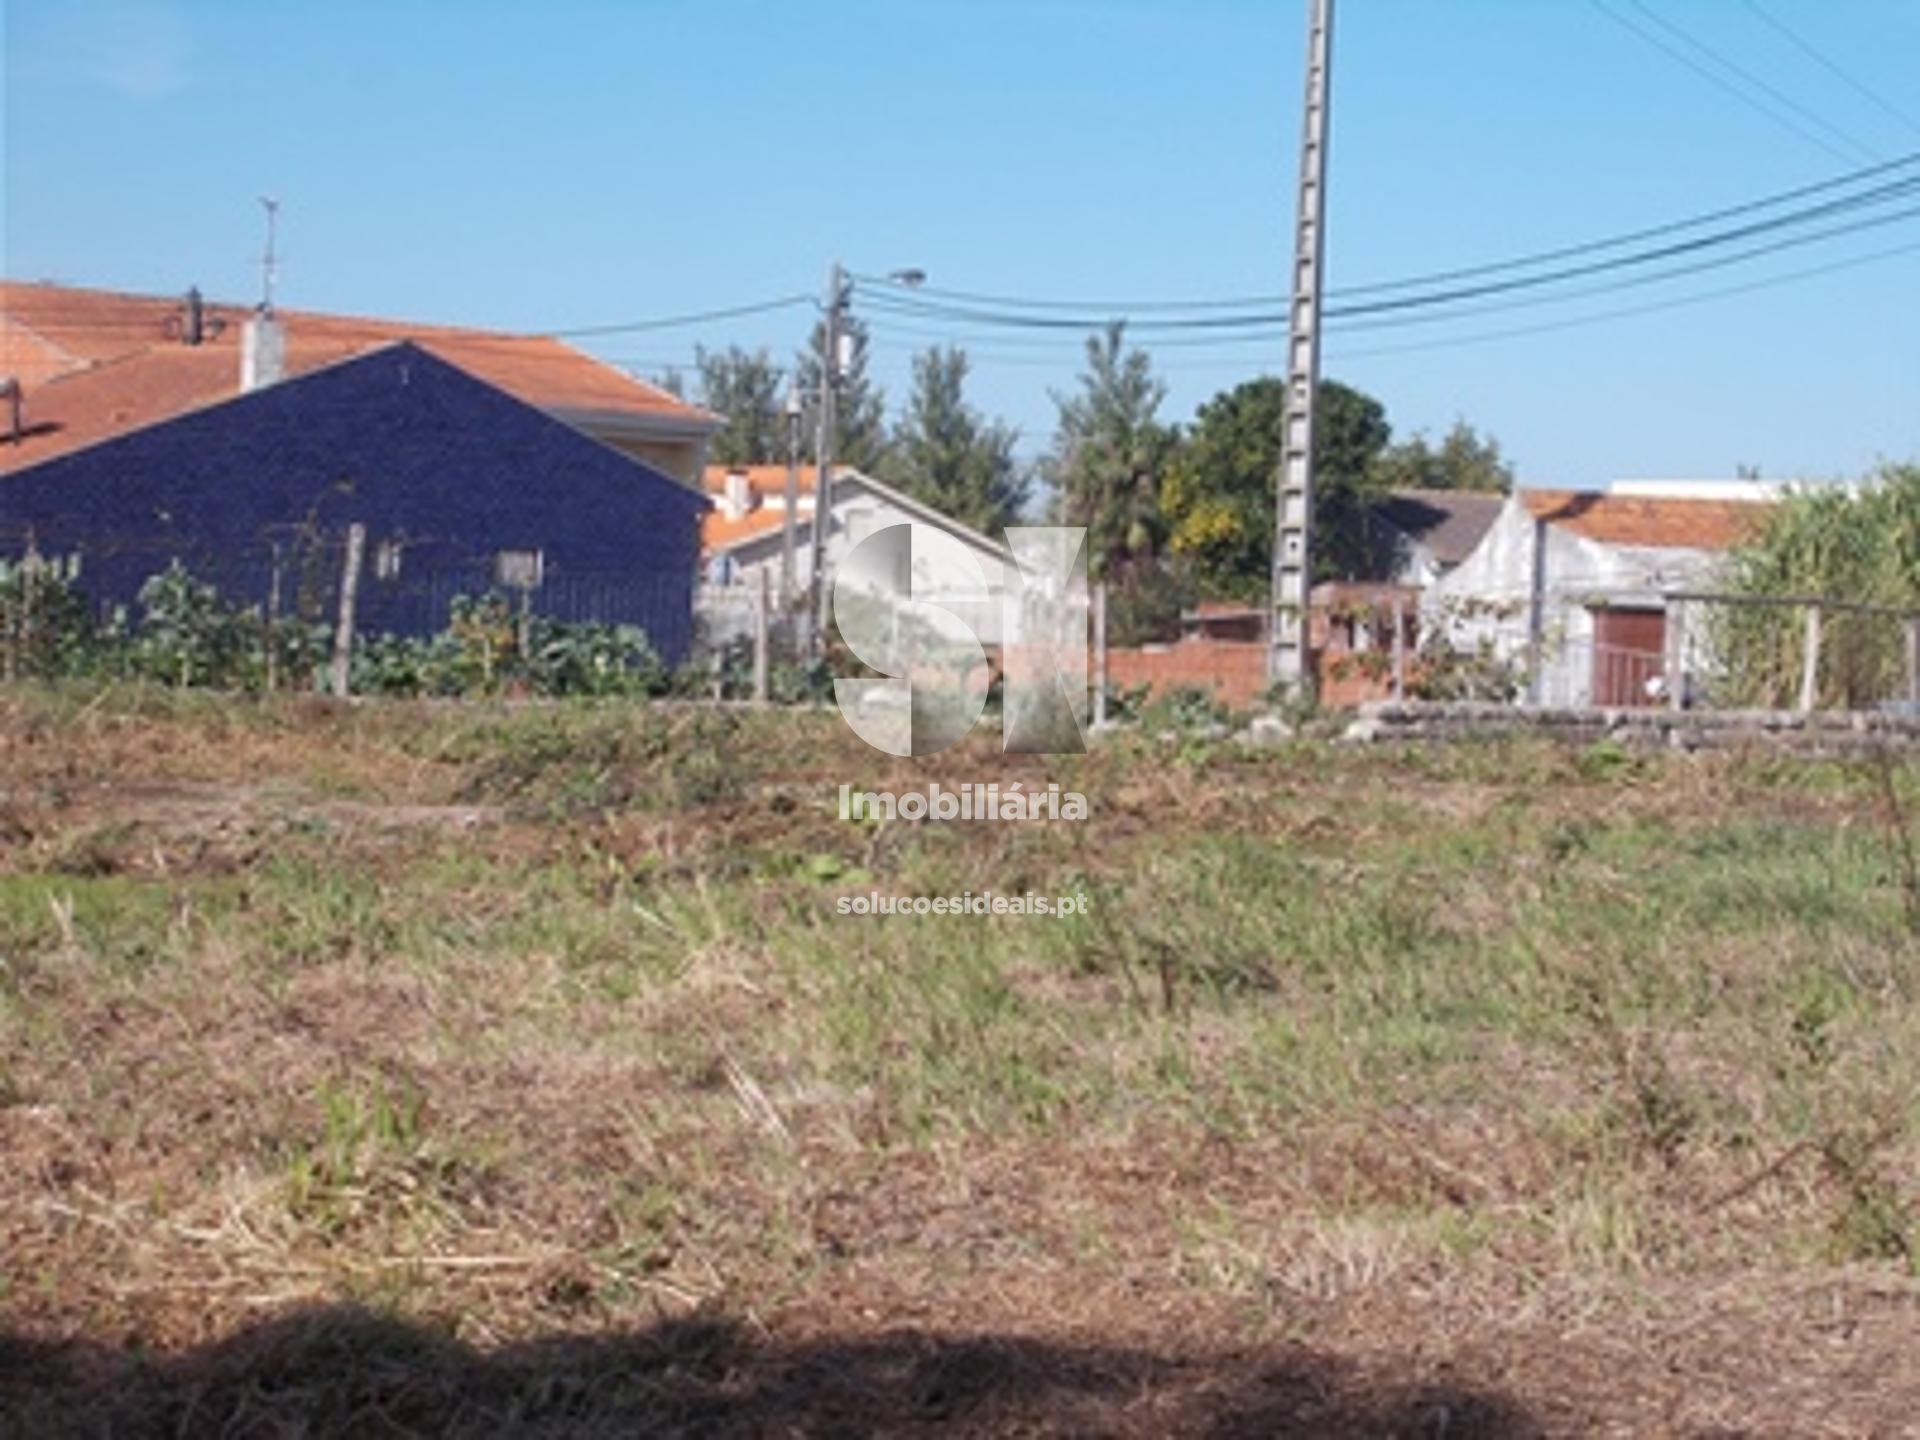 terreno para compra em aveiro uniao das freguesias de gloria e vera cruz AVGLB1801